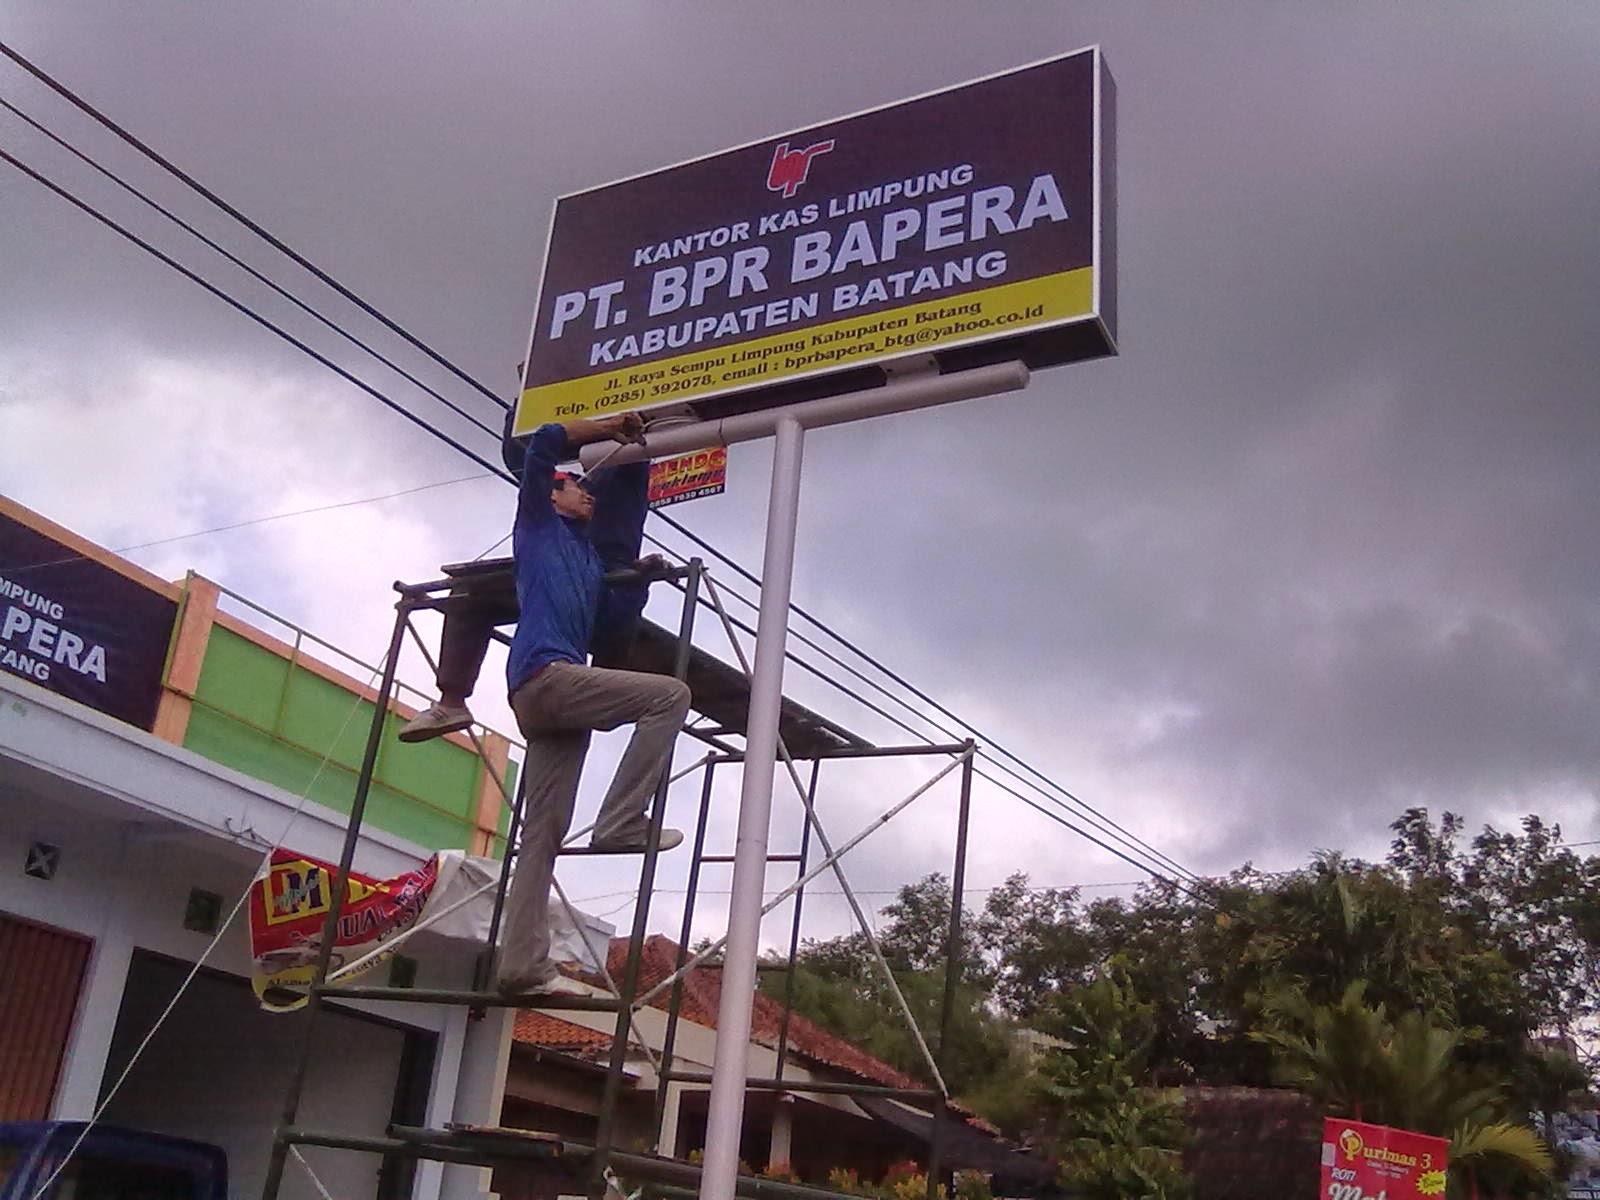 Jenis Reklame Baliho Gambar Reklame - Gambar Reklame